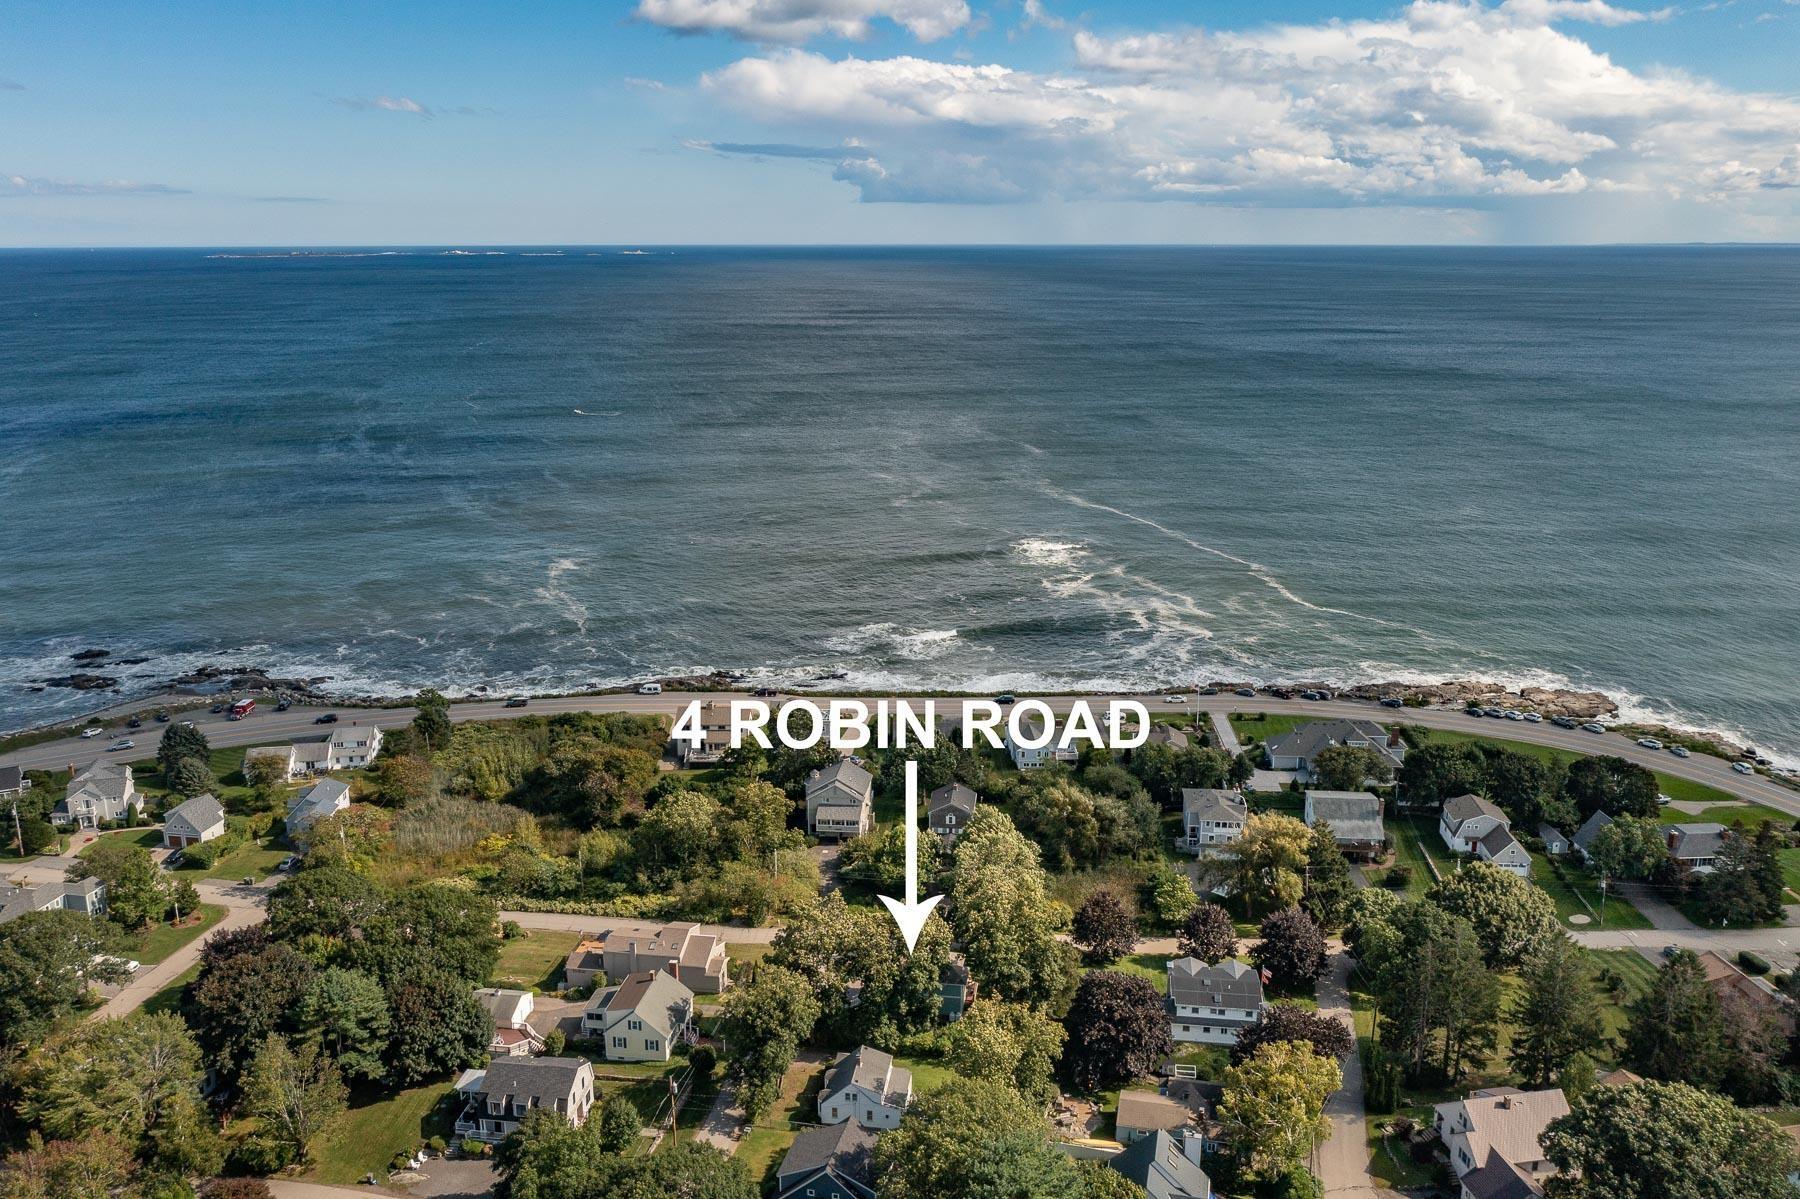 4 Robin Road, Rye, NH 03870